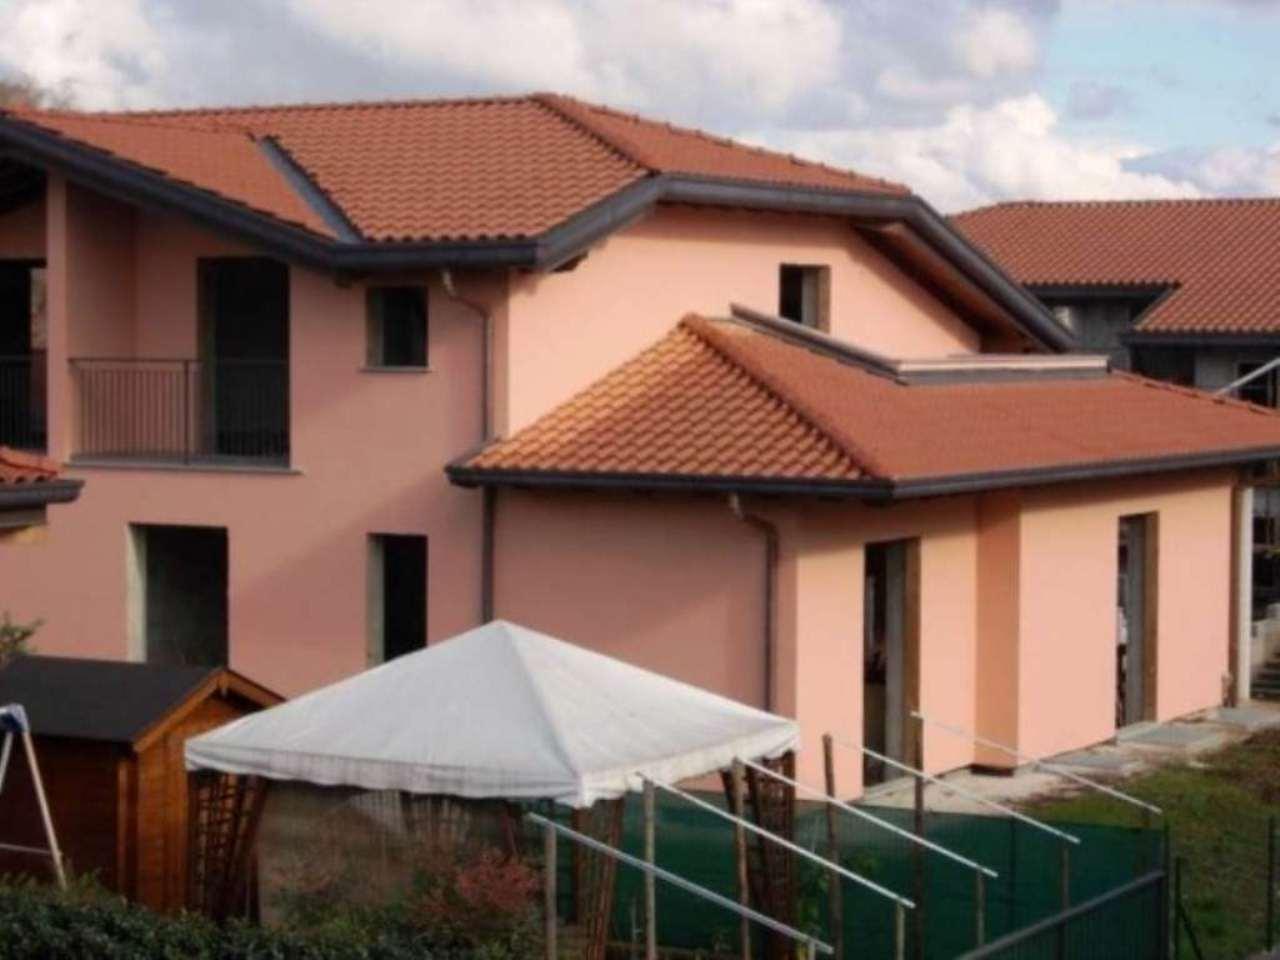 Villa in vendita a Fino Mornasco, 6 locali, prezzo € 380.000 | Cambio Casa.it